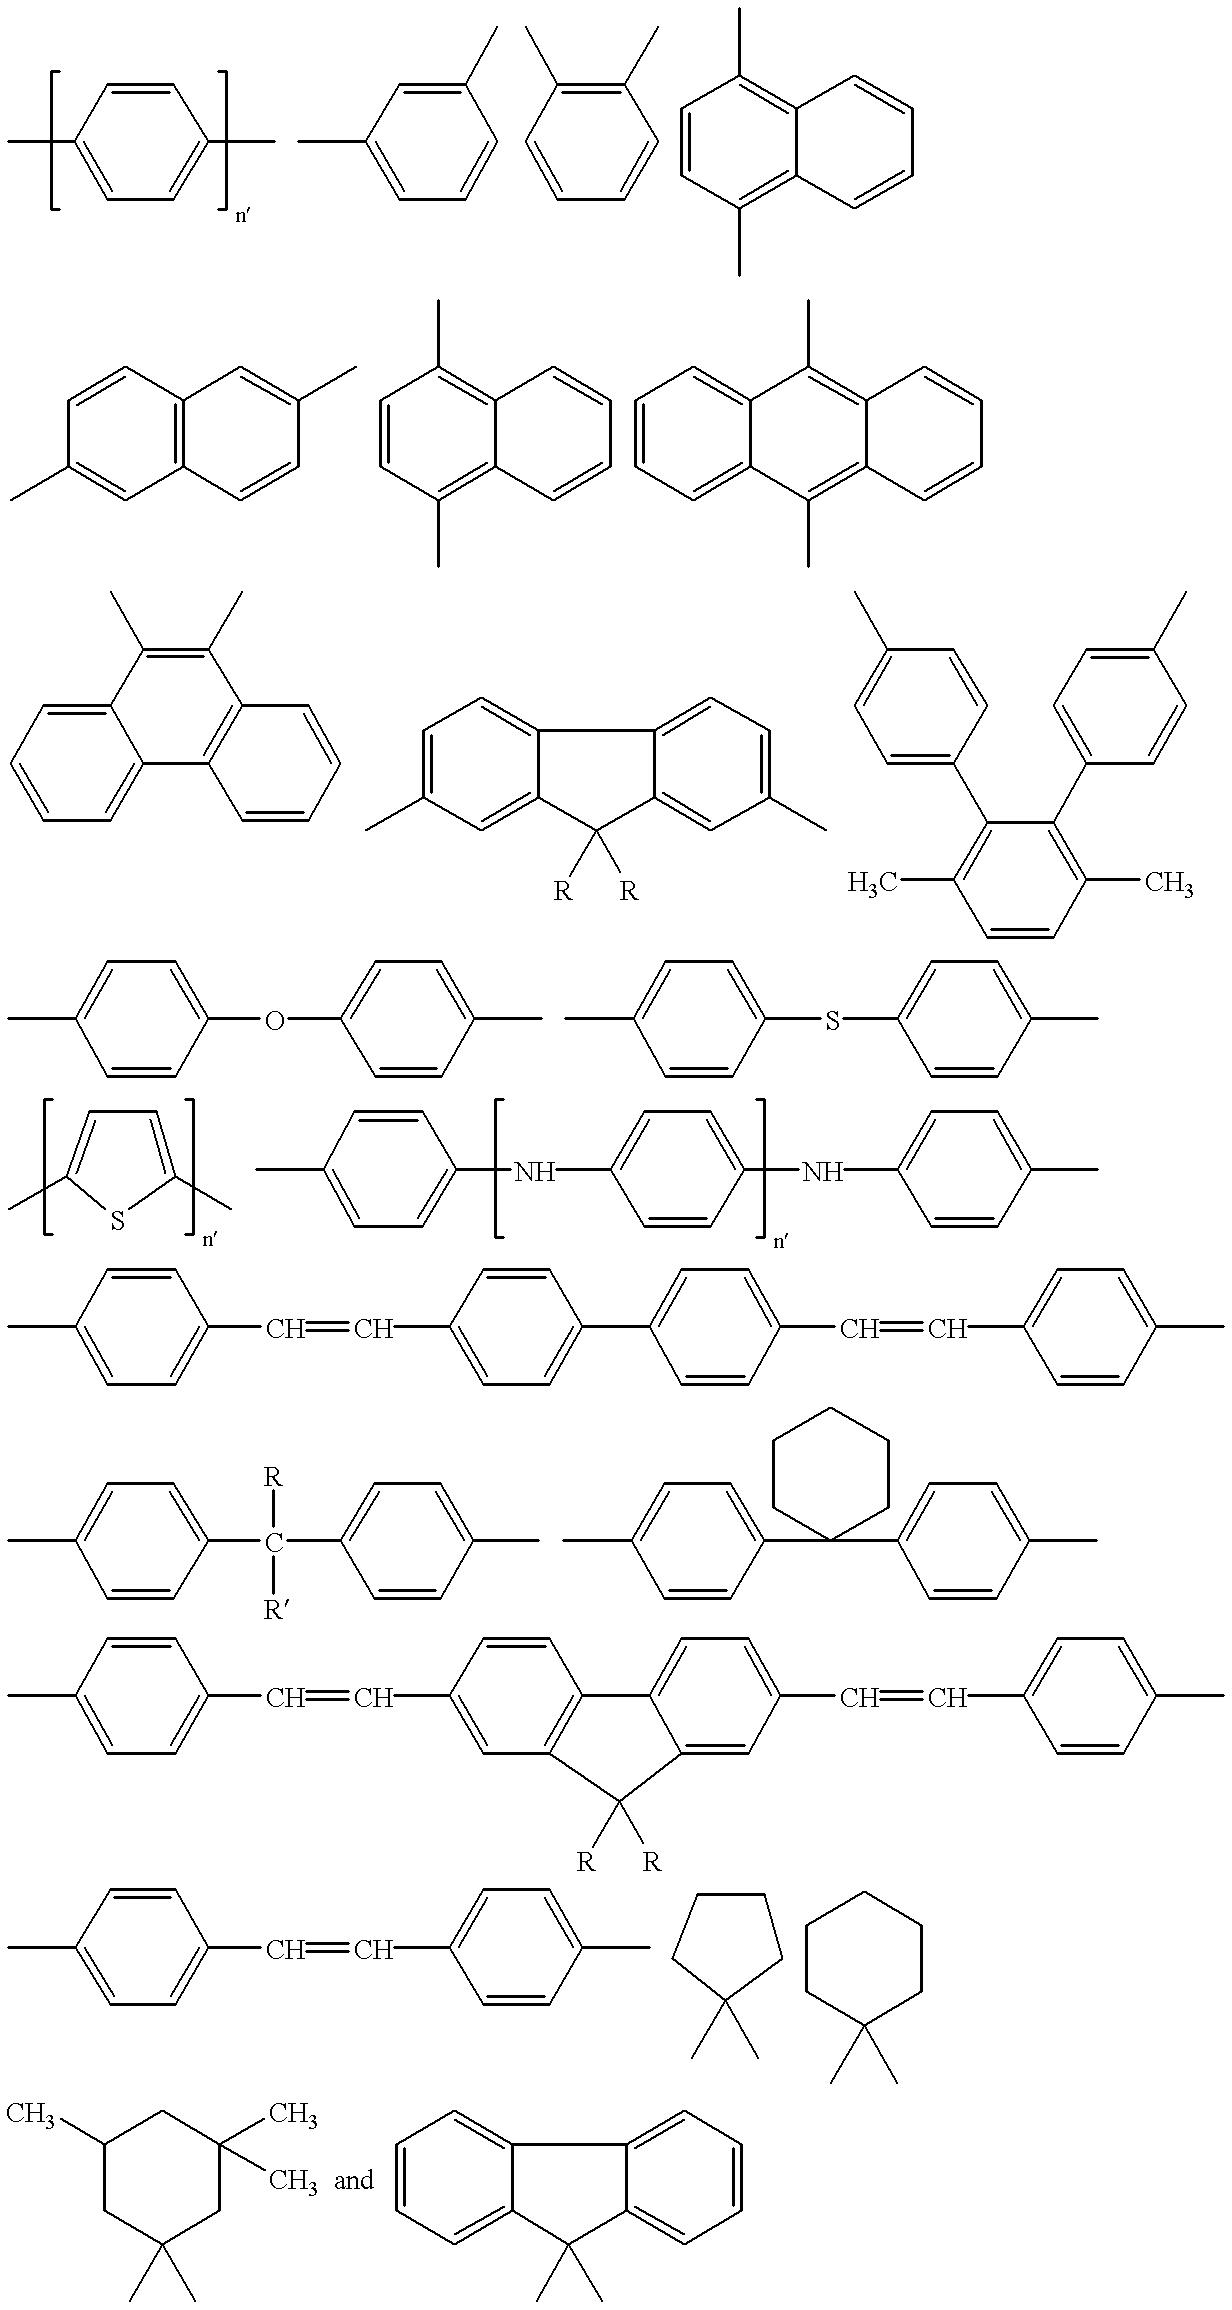 Figure US06289196-20010911-C00010